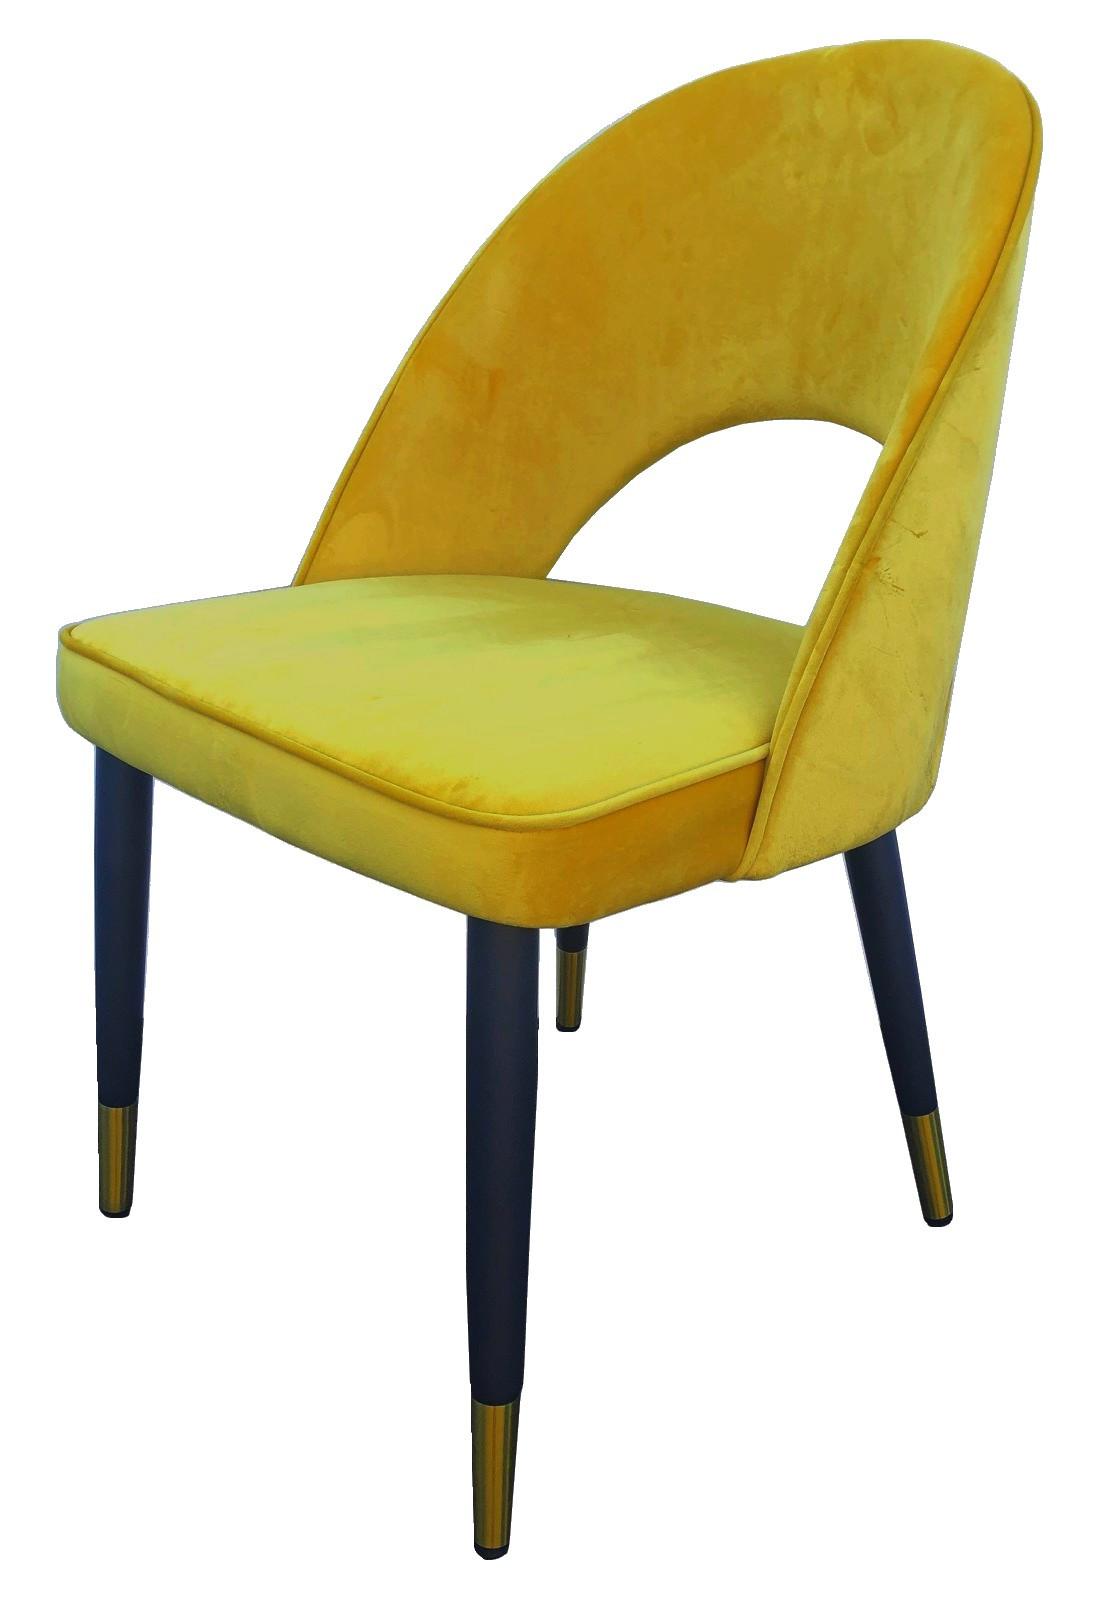 Chaise de salle a manger en velours jaune